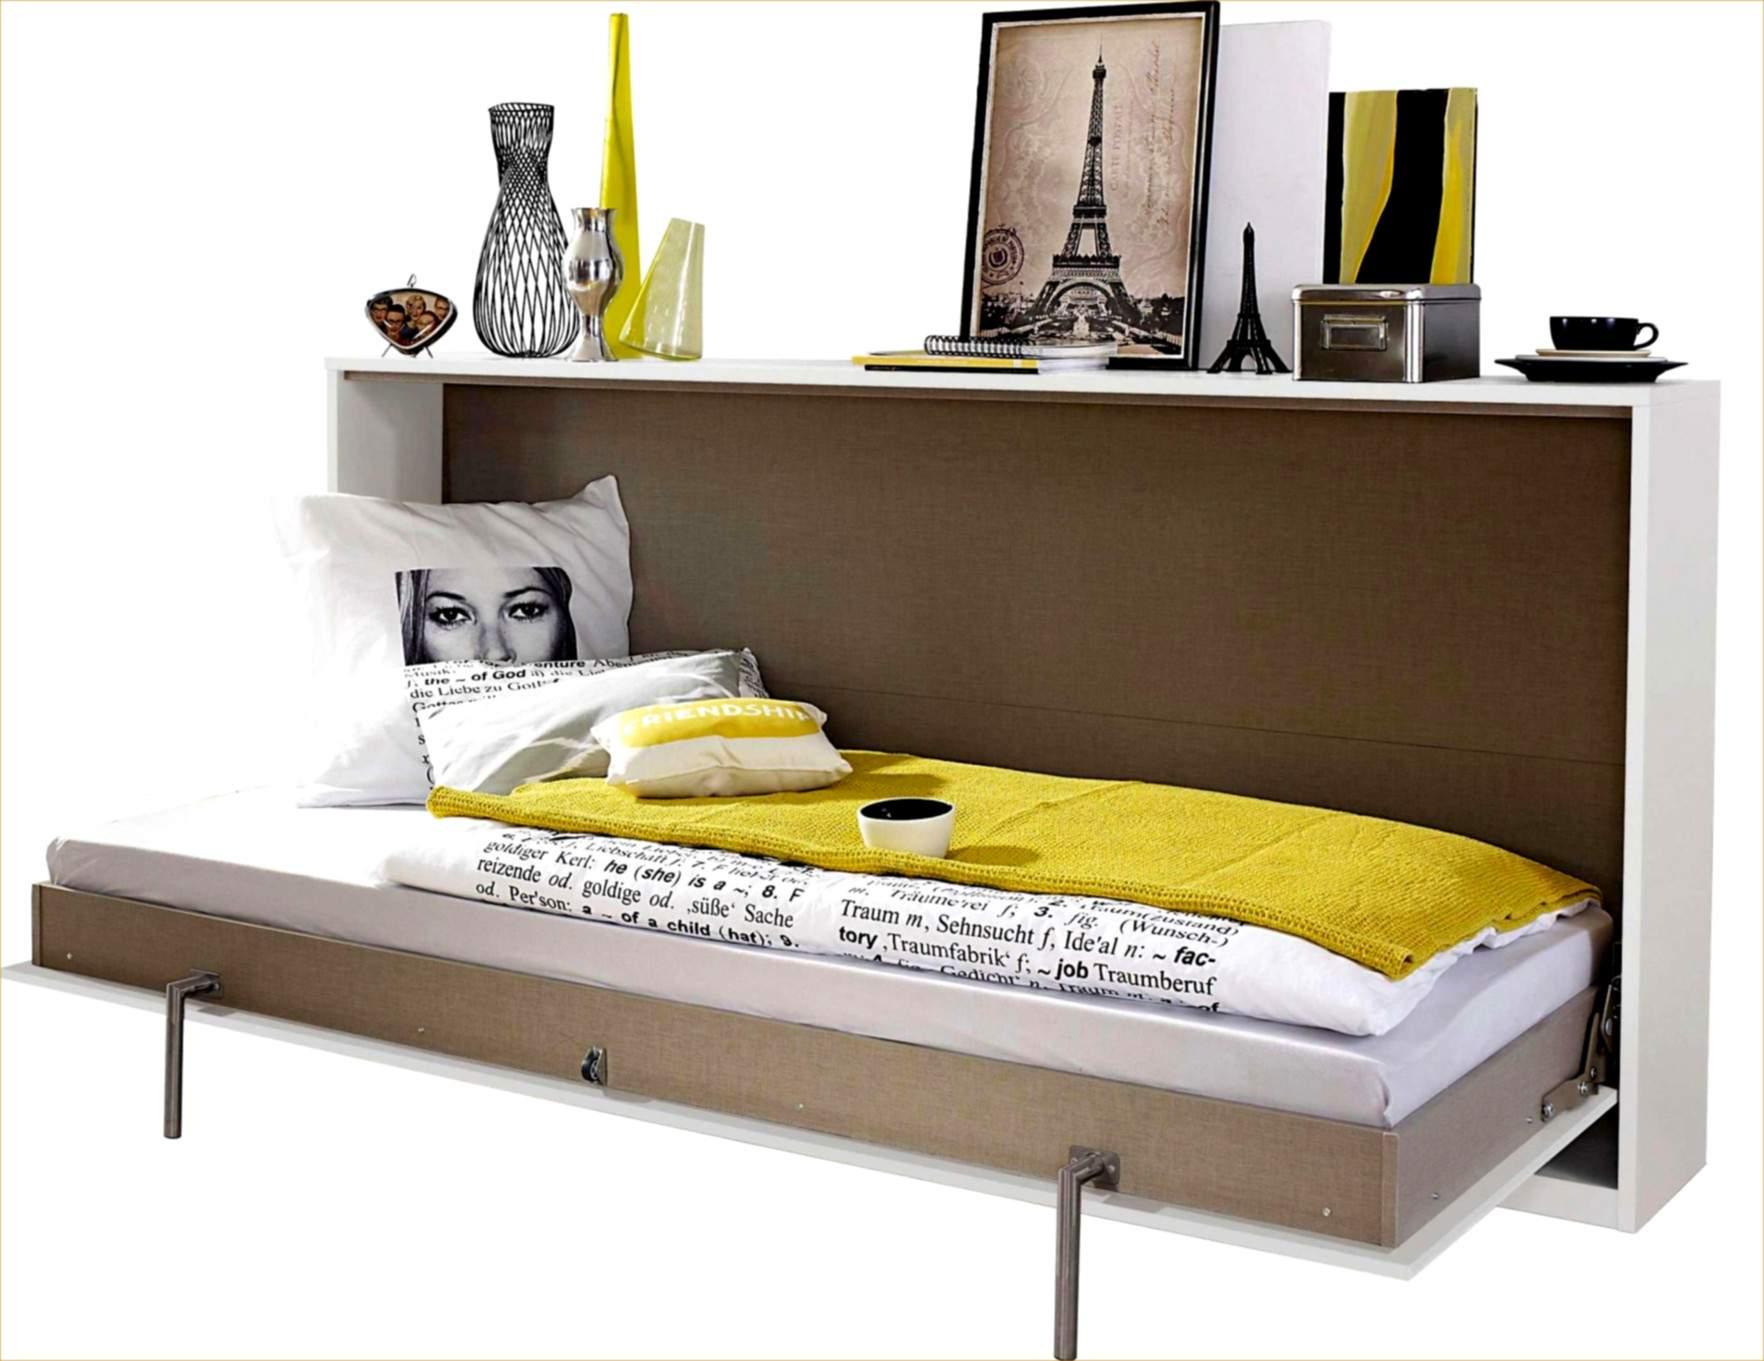 blumenbank fur wohnzimmer luxus i0 wp hellsbuddhas wp content 2019 of blumenbank fur wohnzimmer